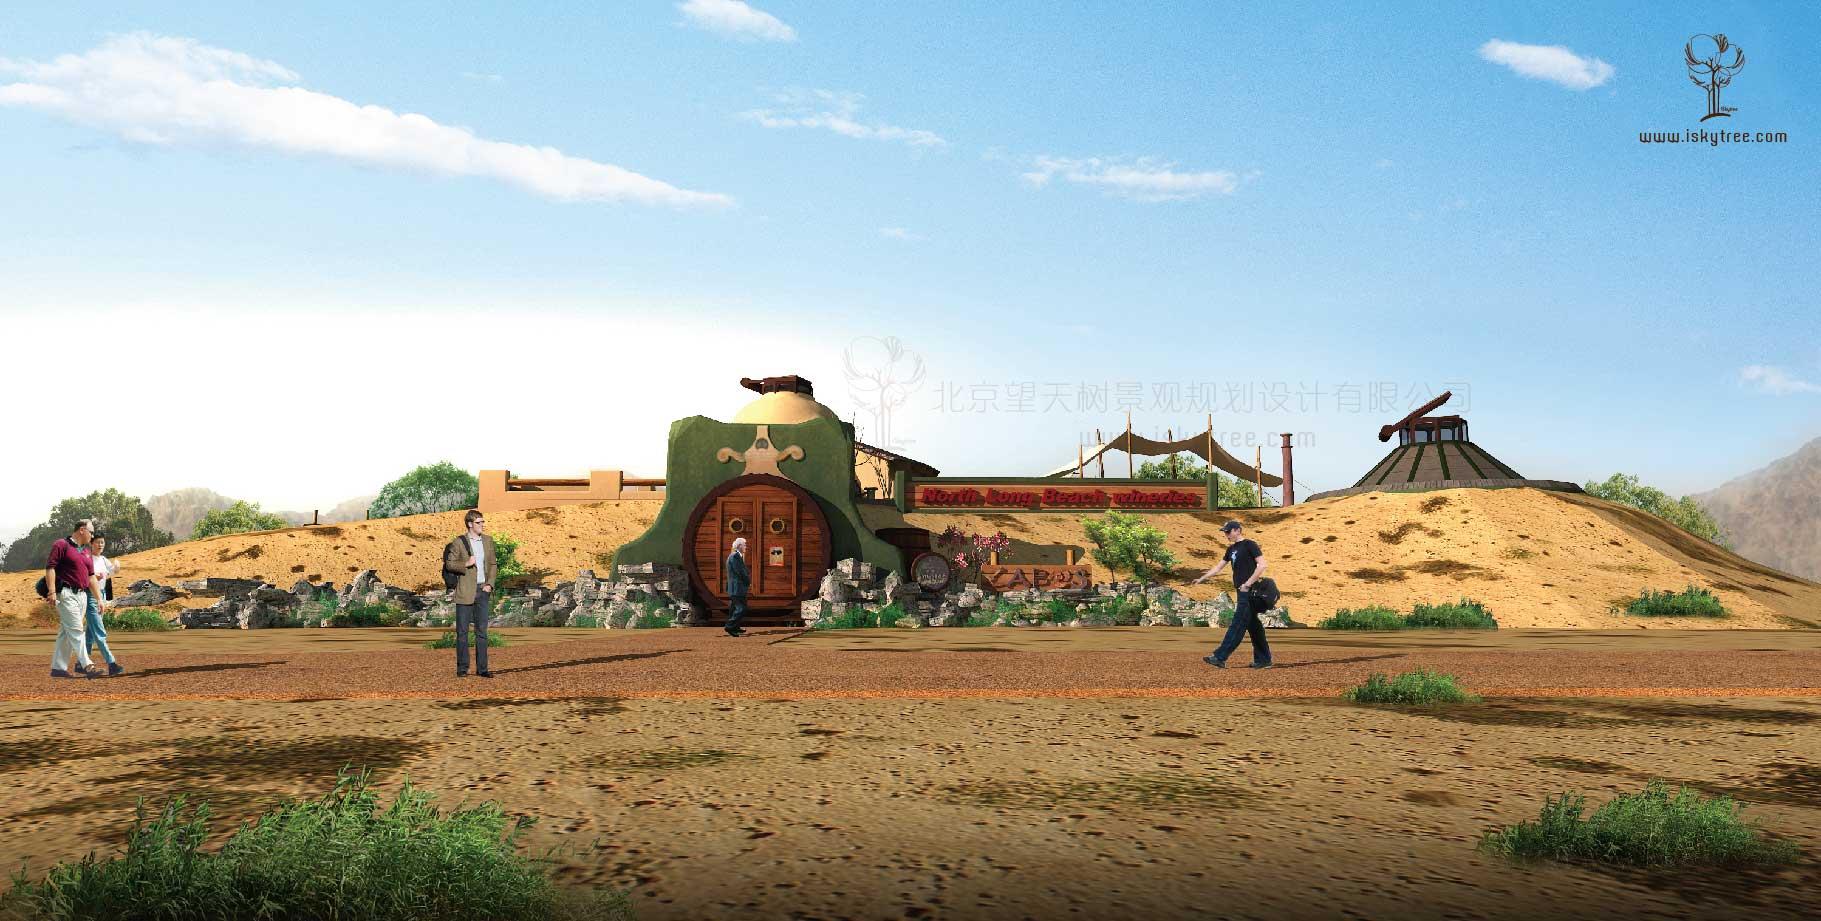 西部风情酒庄设计